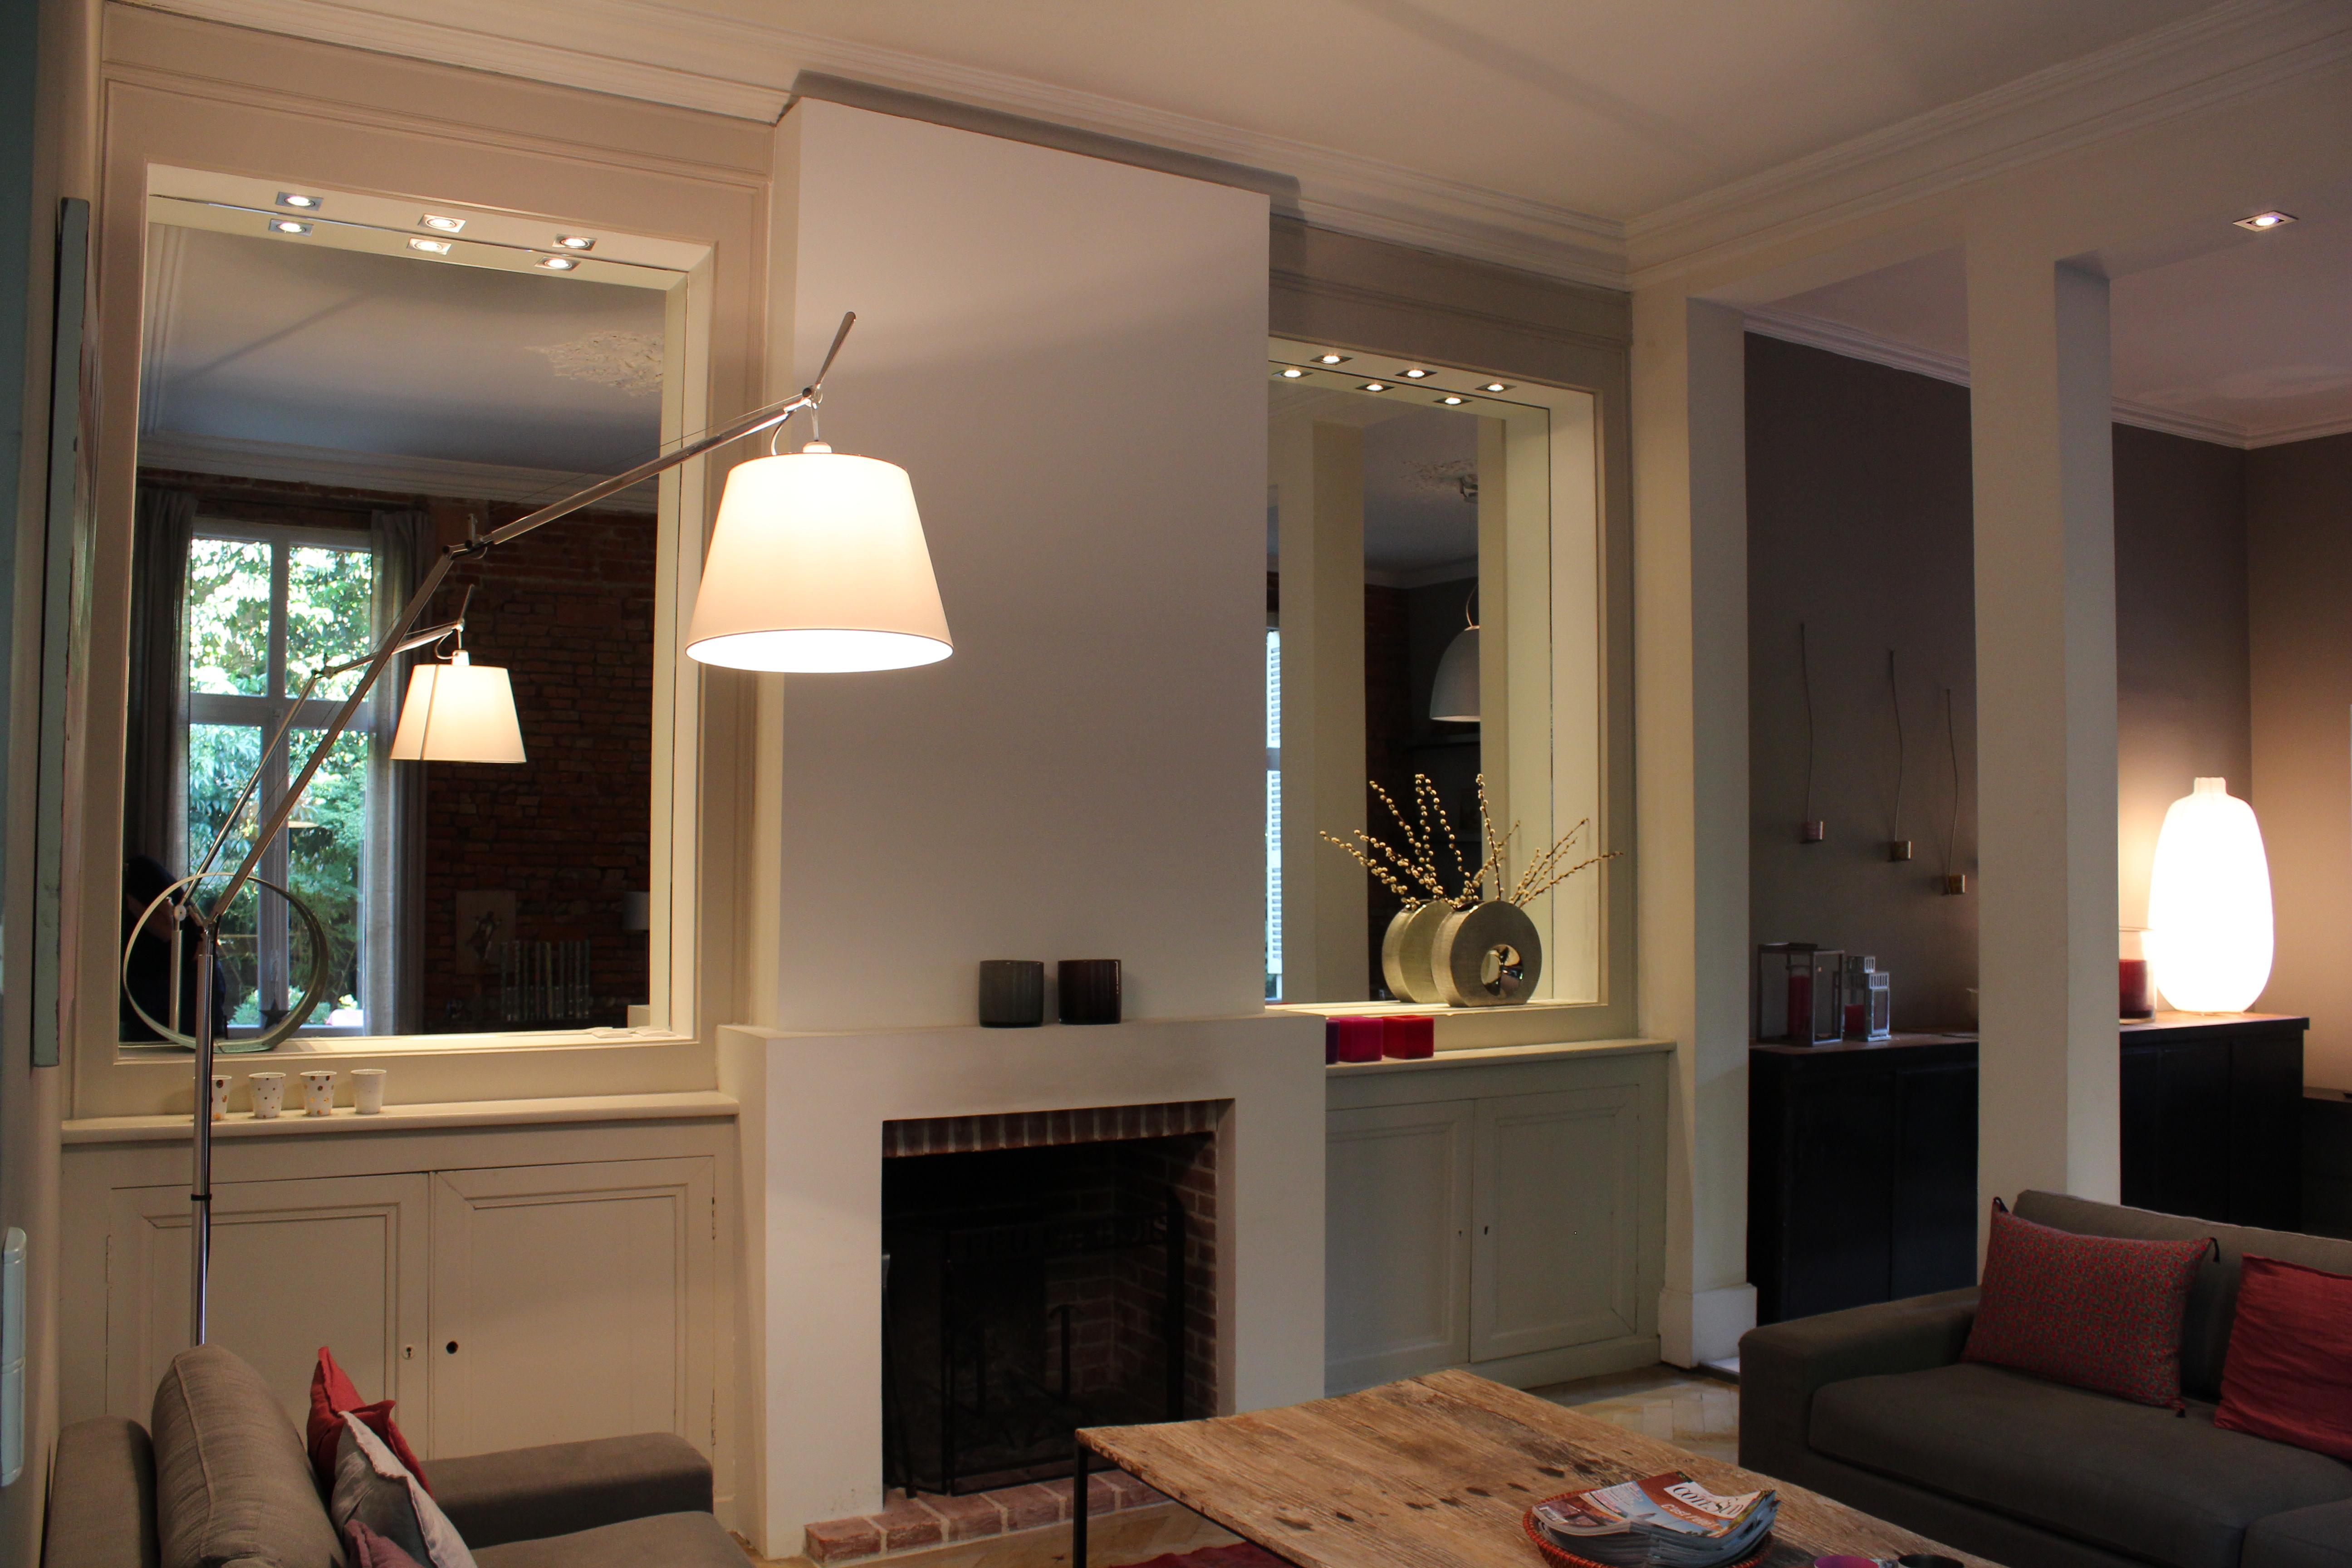 cr ation de rangement et d 39 une chemin e dans une ancienne maison toulousaine. Black Bedroom Furniture Sets. Home Design Ideas